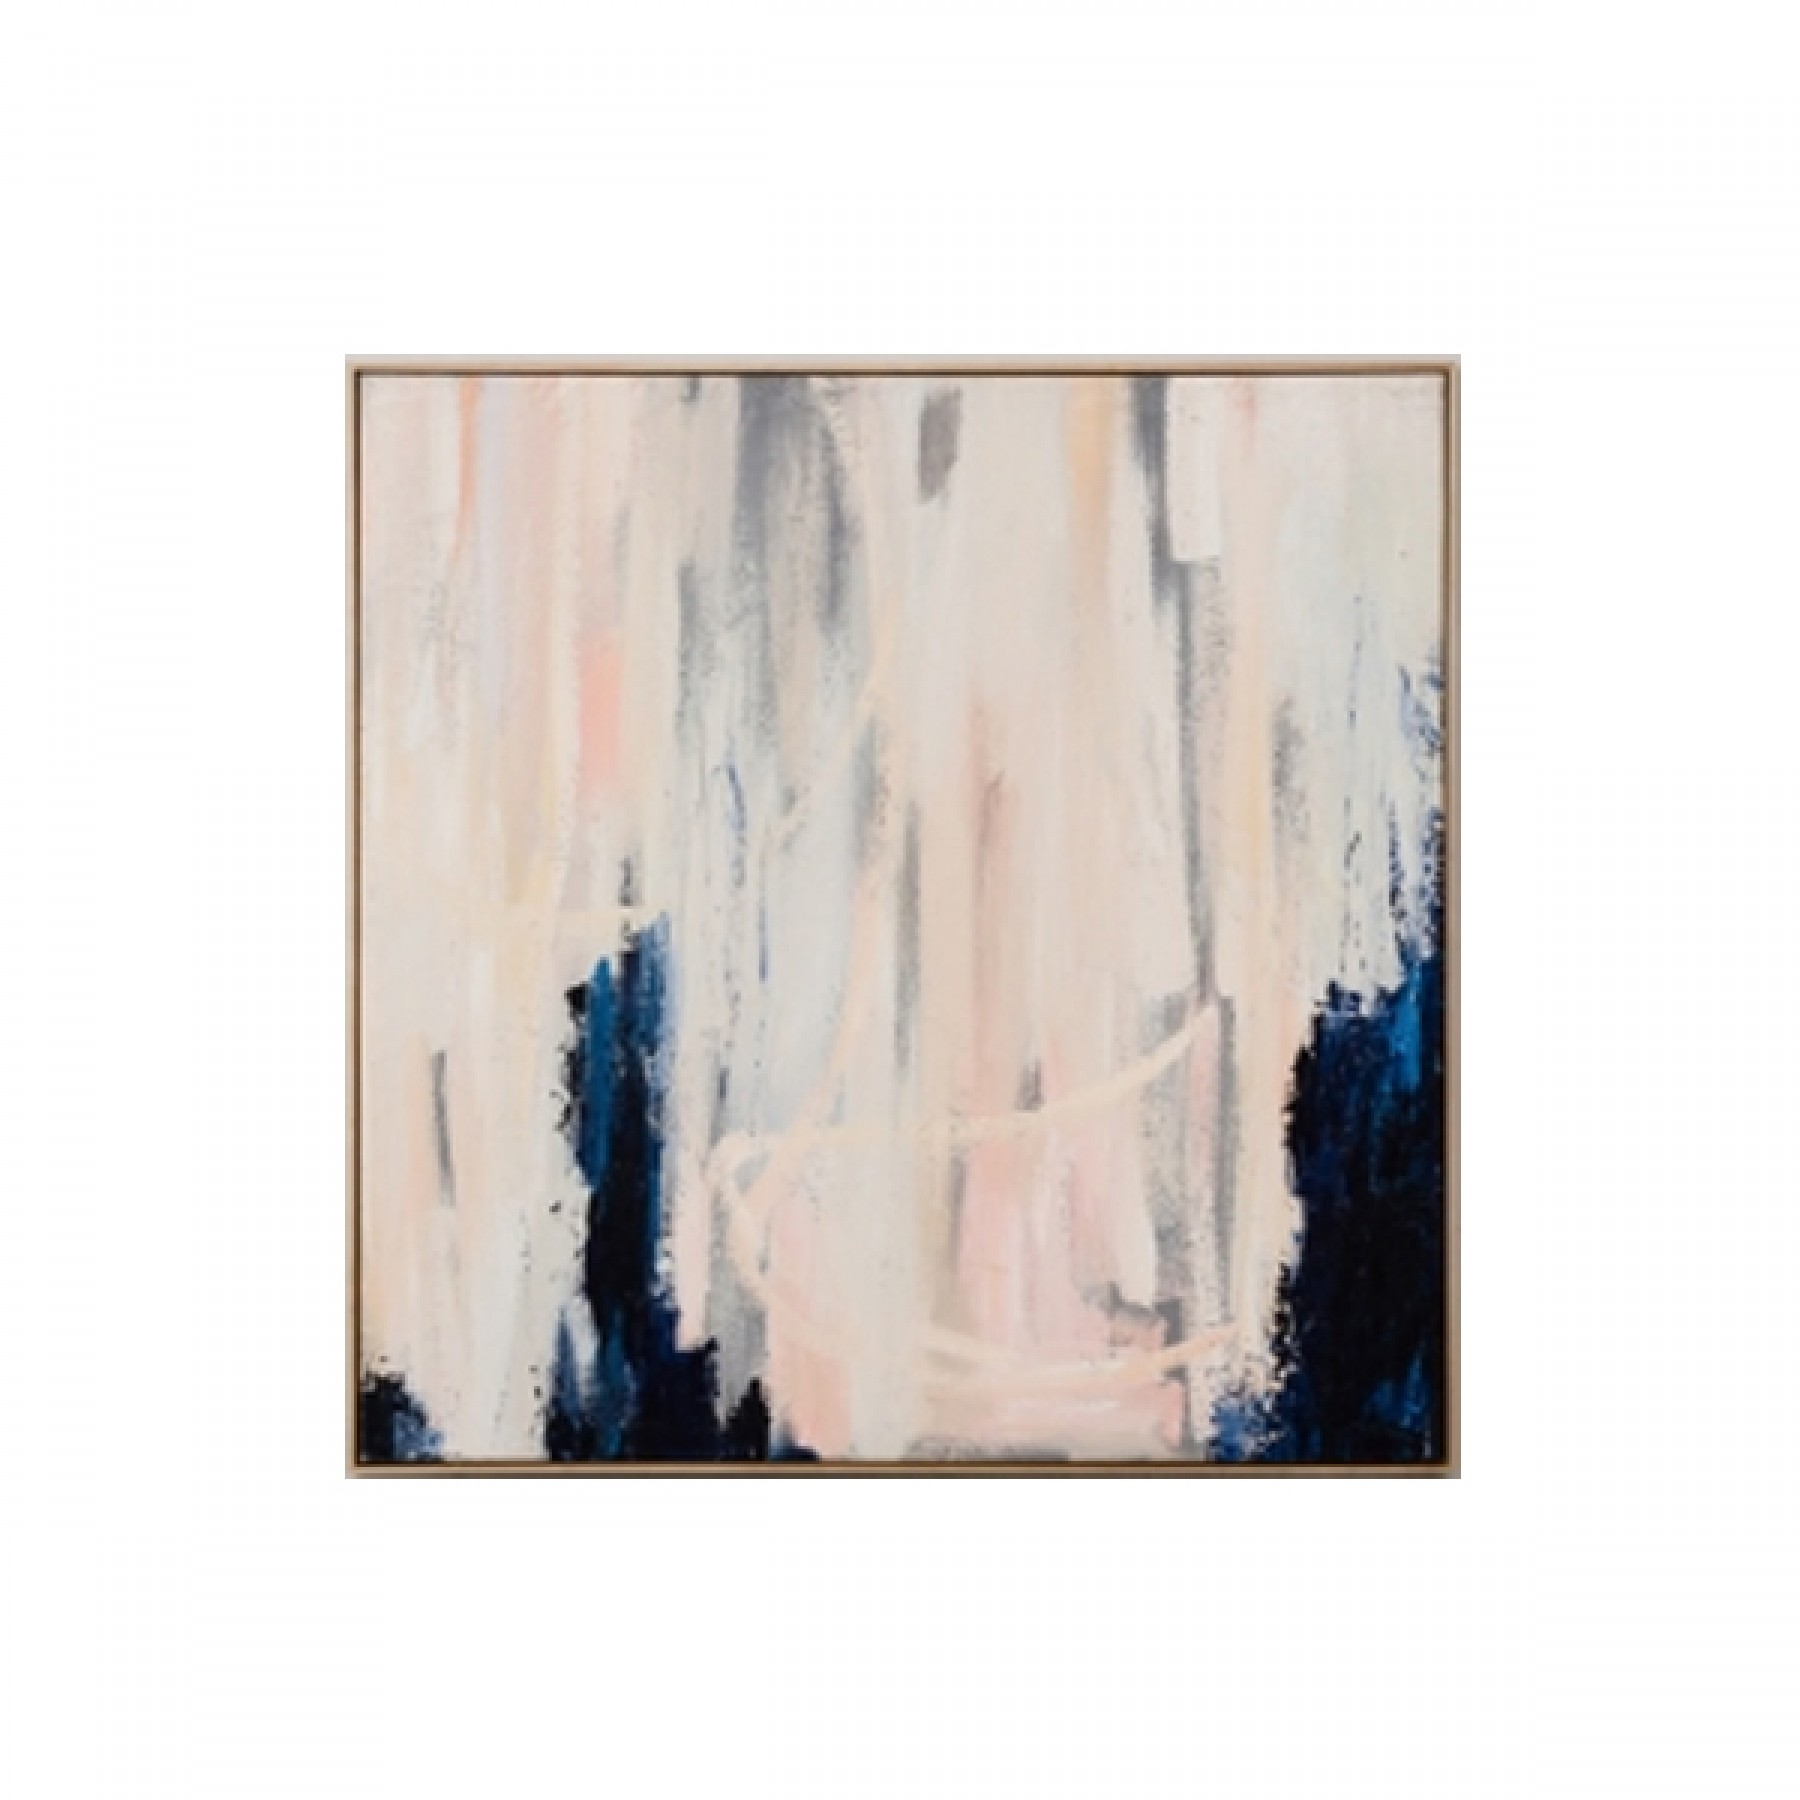 Fredrika Framed Navy Blush Painting Beyond Furniture